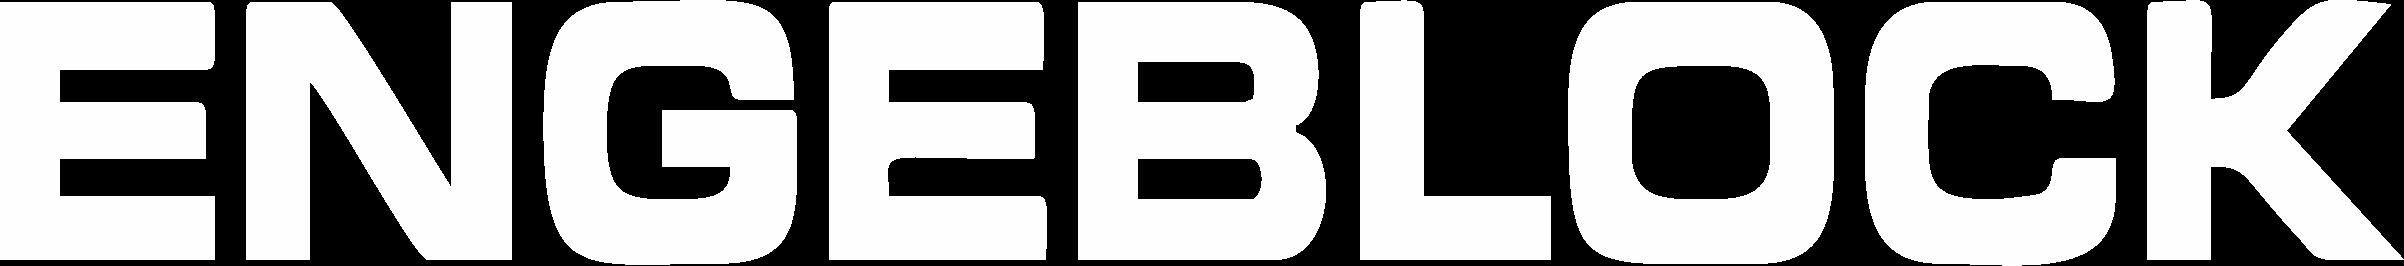 Engeblock - Planejamento e construção